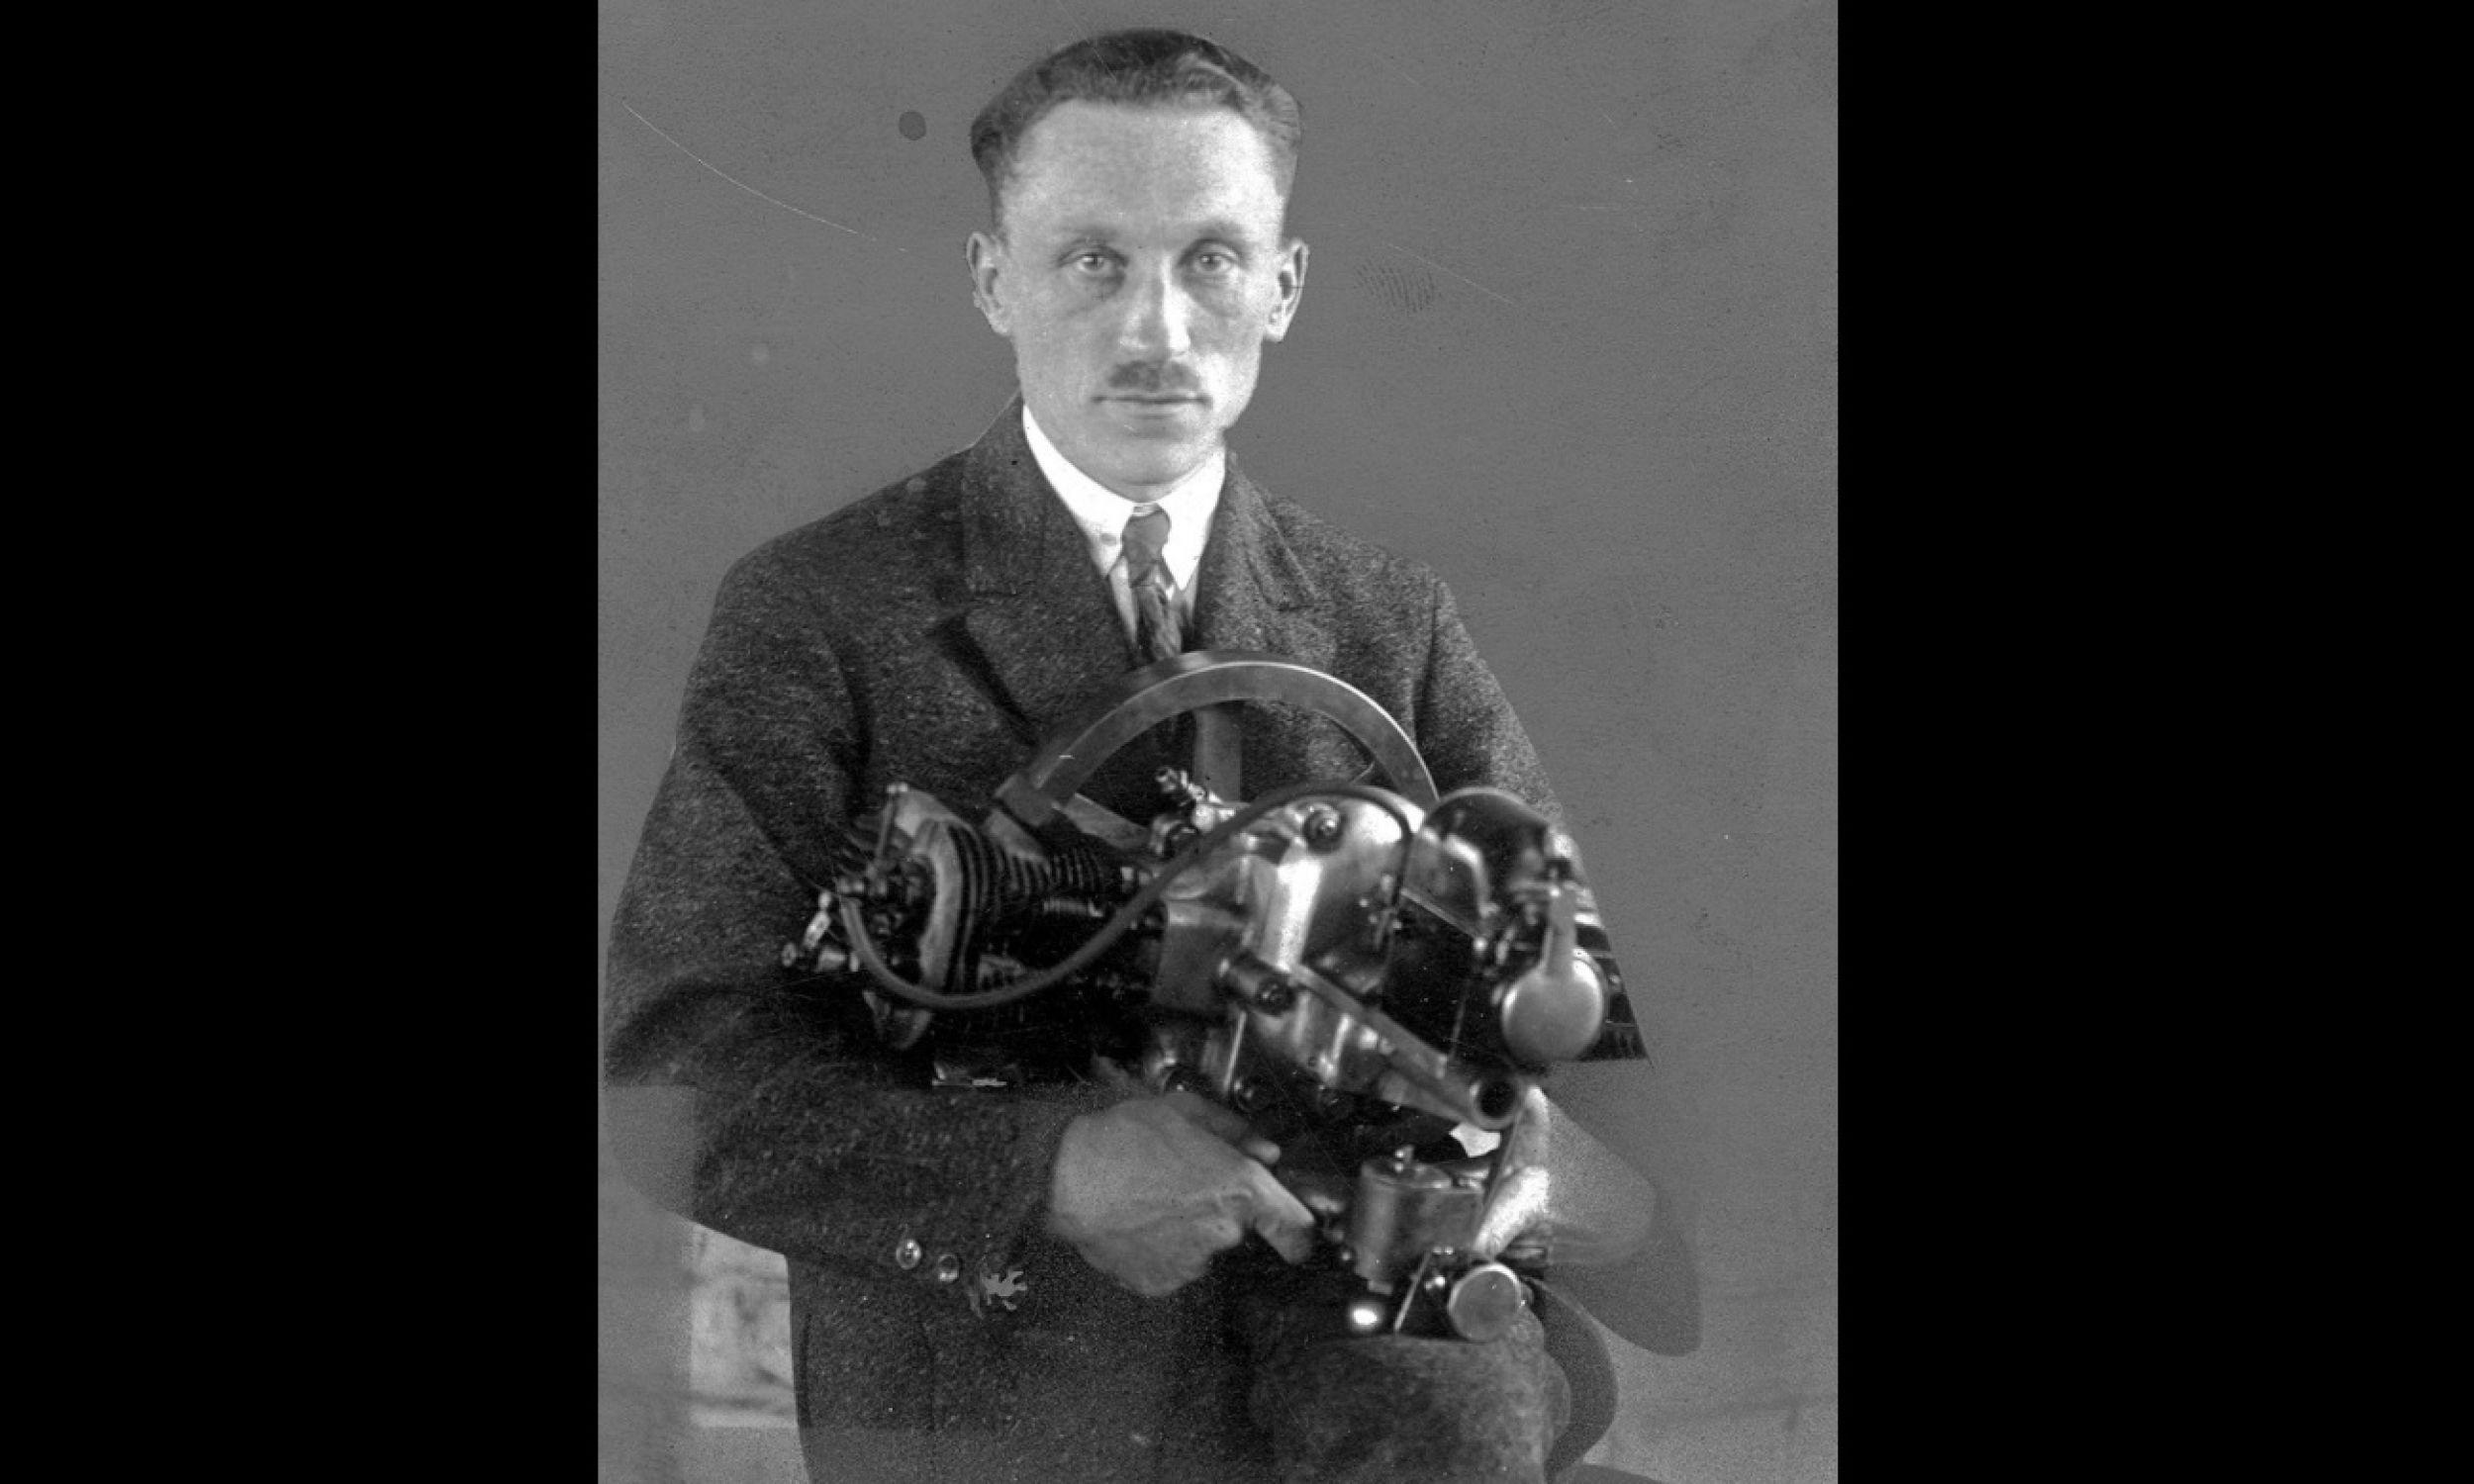 Tadeusz Tański (1892 w Moskwie – 1941 w Auschwitz-Birkenau) przed I wojną światową studiował na École supérieure d'électricité w Paryżu. Następnie konstruował dla firm francuskich i brytyjskich silniki lotnicze. W 1916 r. zbudował największy na świecie 12-cylindrowy silnik o mocy 520 KM do wodnopłatowców, dwa lata później silnik gwiazdowy do lekkich samolotów. W 1919 r. powrócił do Polski i rozpoczął pracę w Sekcji Samochodowej Ministerstwa Spraw Wojskowych (CWS). fot. NAC/IKC, sygn. 1-G-468